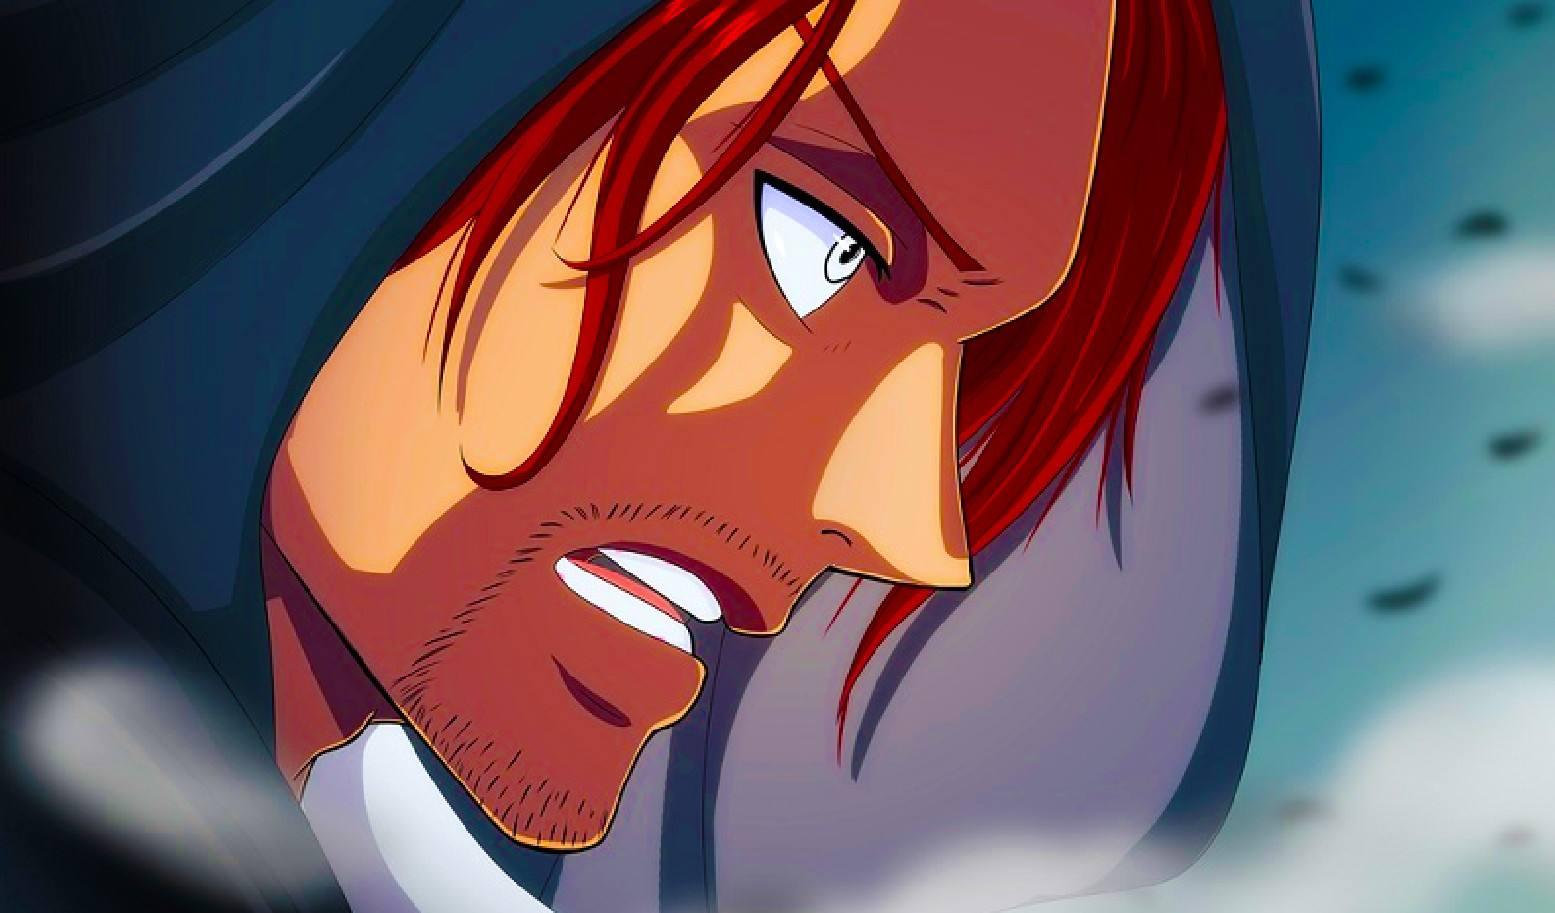 红发香克斯头像霸气